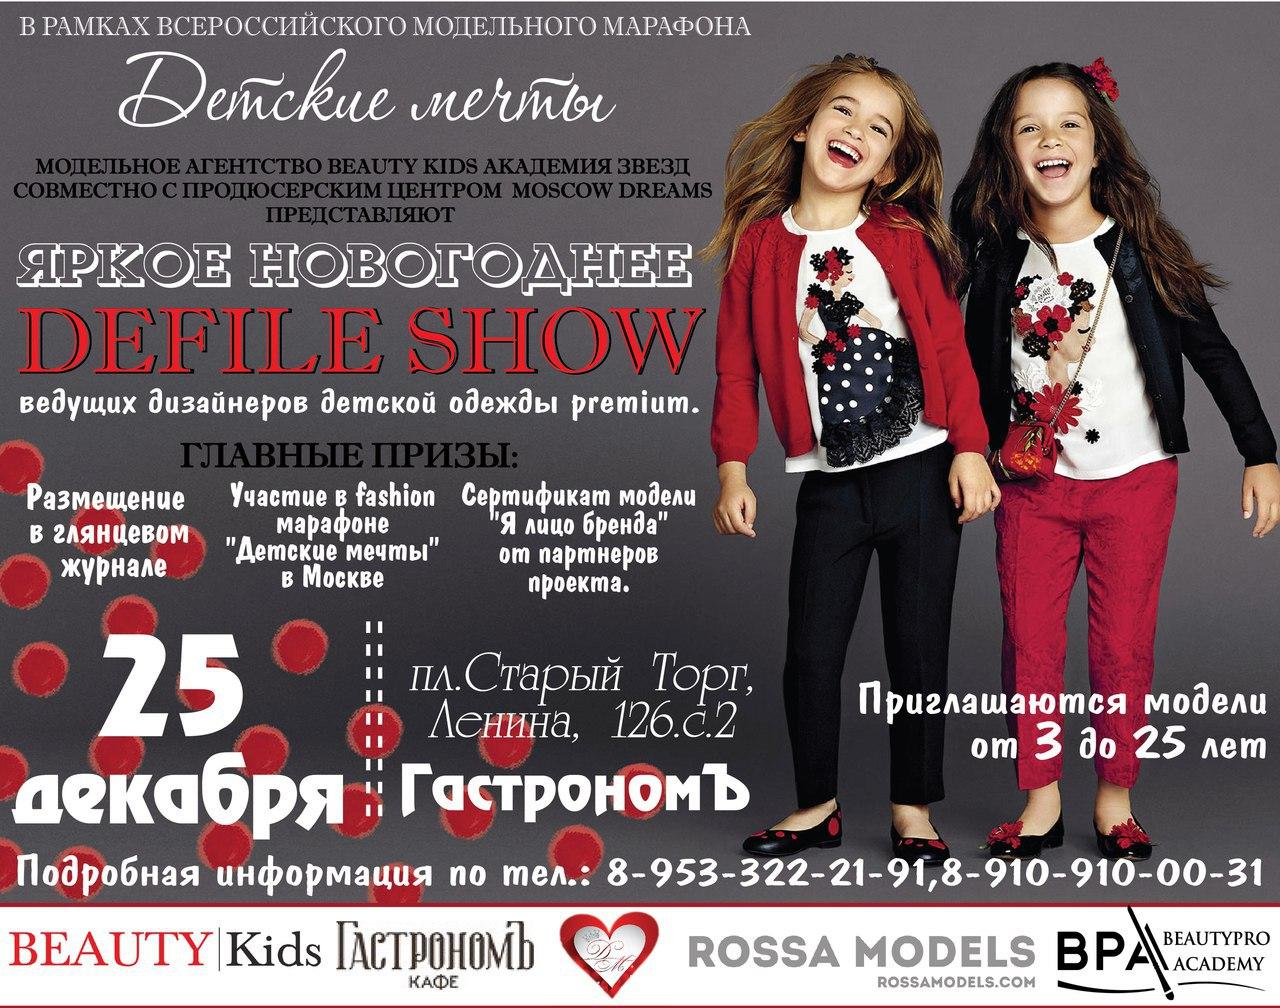 Всероссийский модный марафон «Детские Мечты» в кафе «ГастрономЪ»